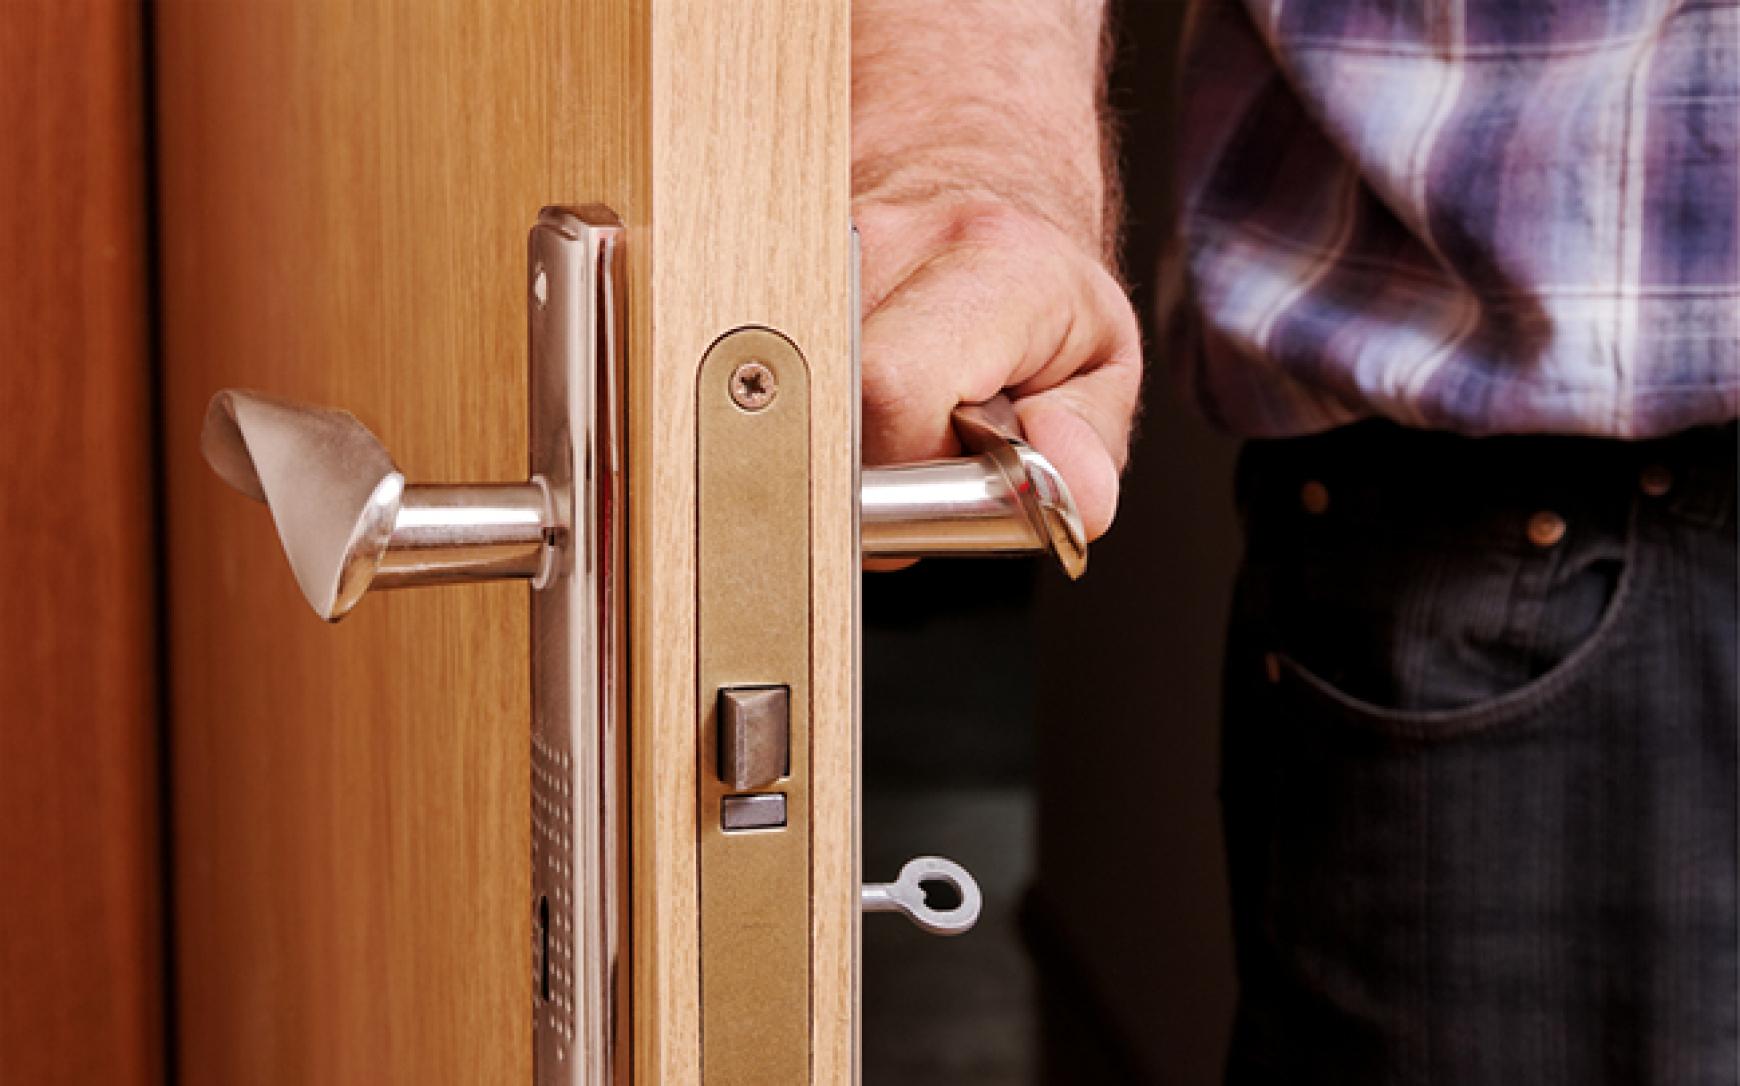 chto delat esli dver ne otkryvaetsya - Ремонт дверей своими руками